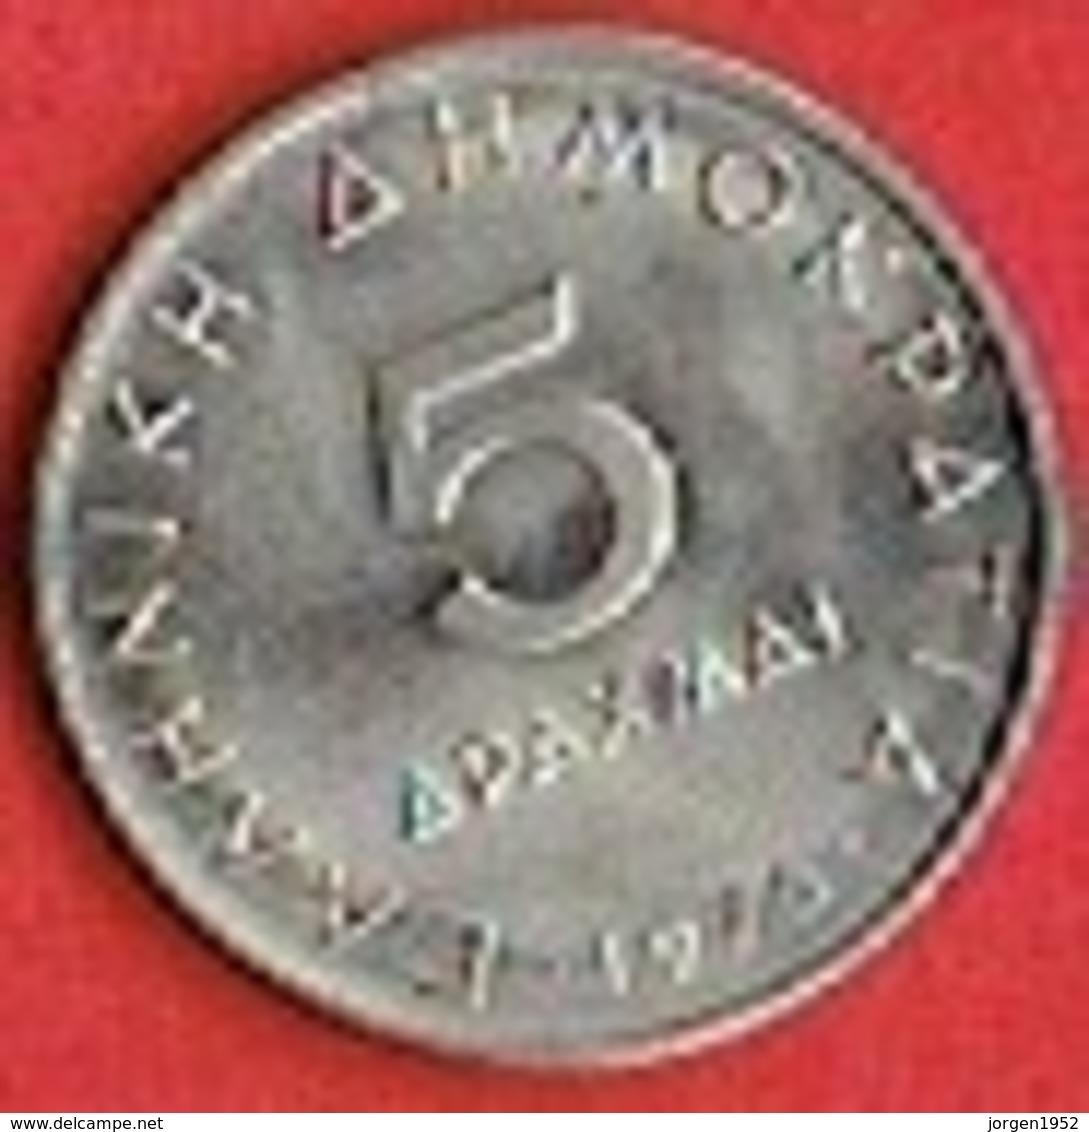 GREECE #  5 Drachmai FROM 1976 - Grèce